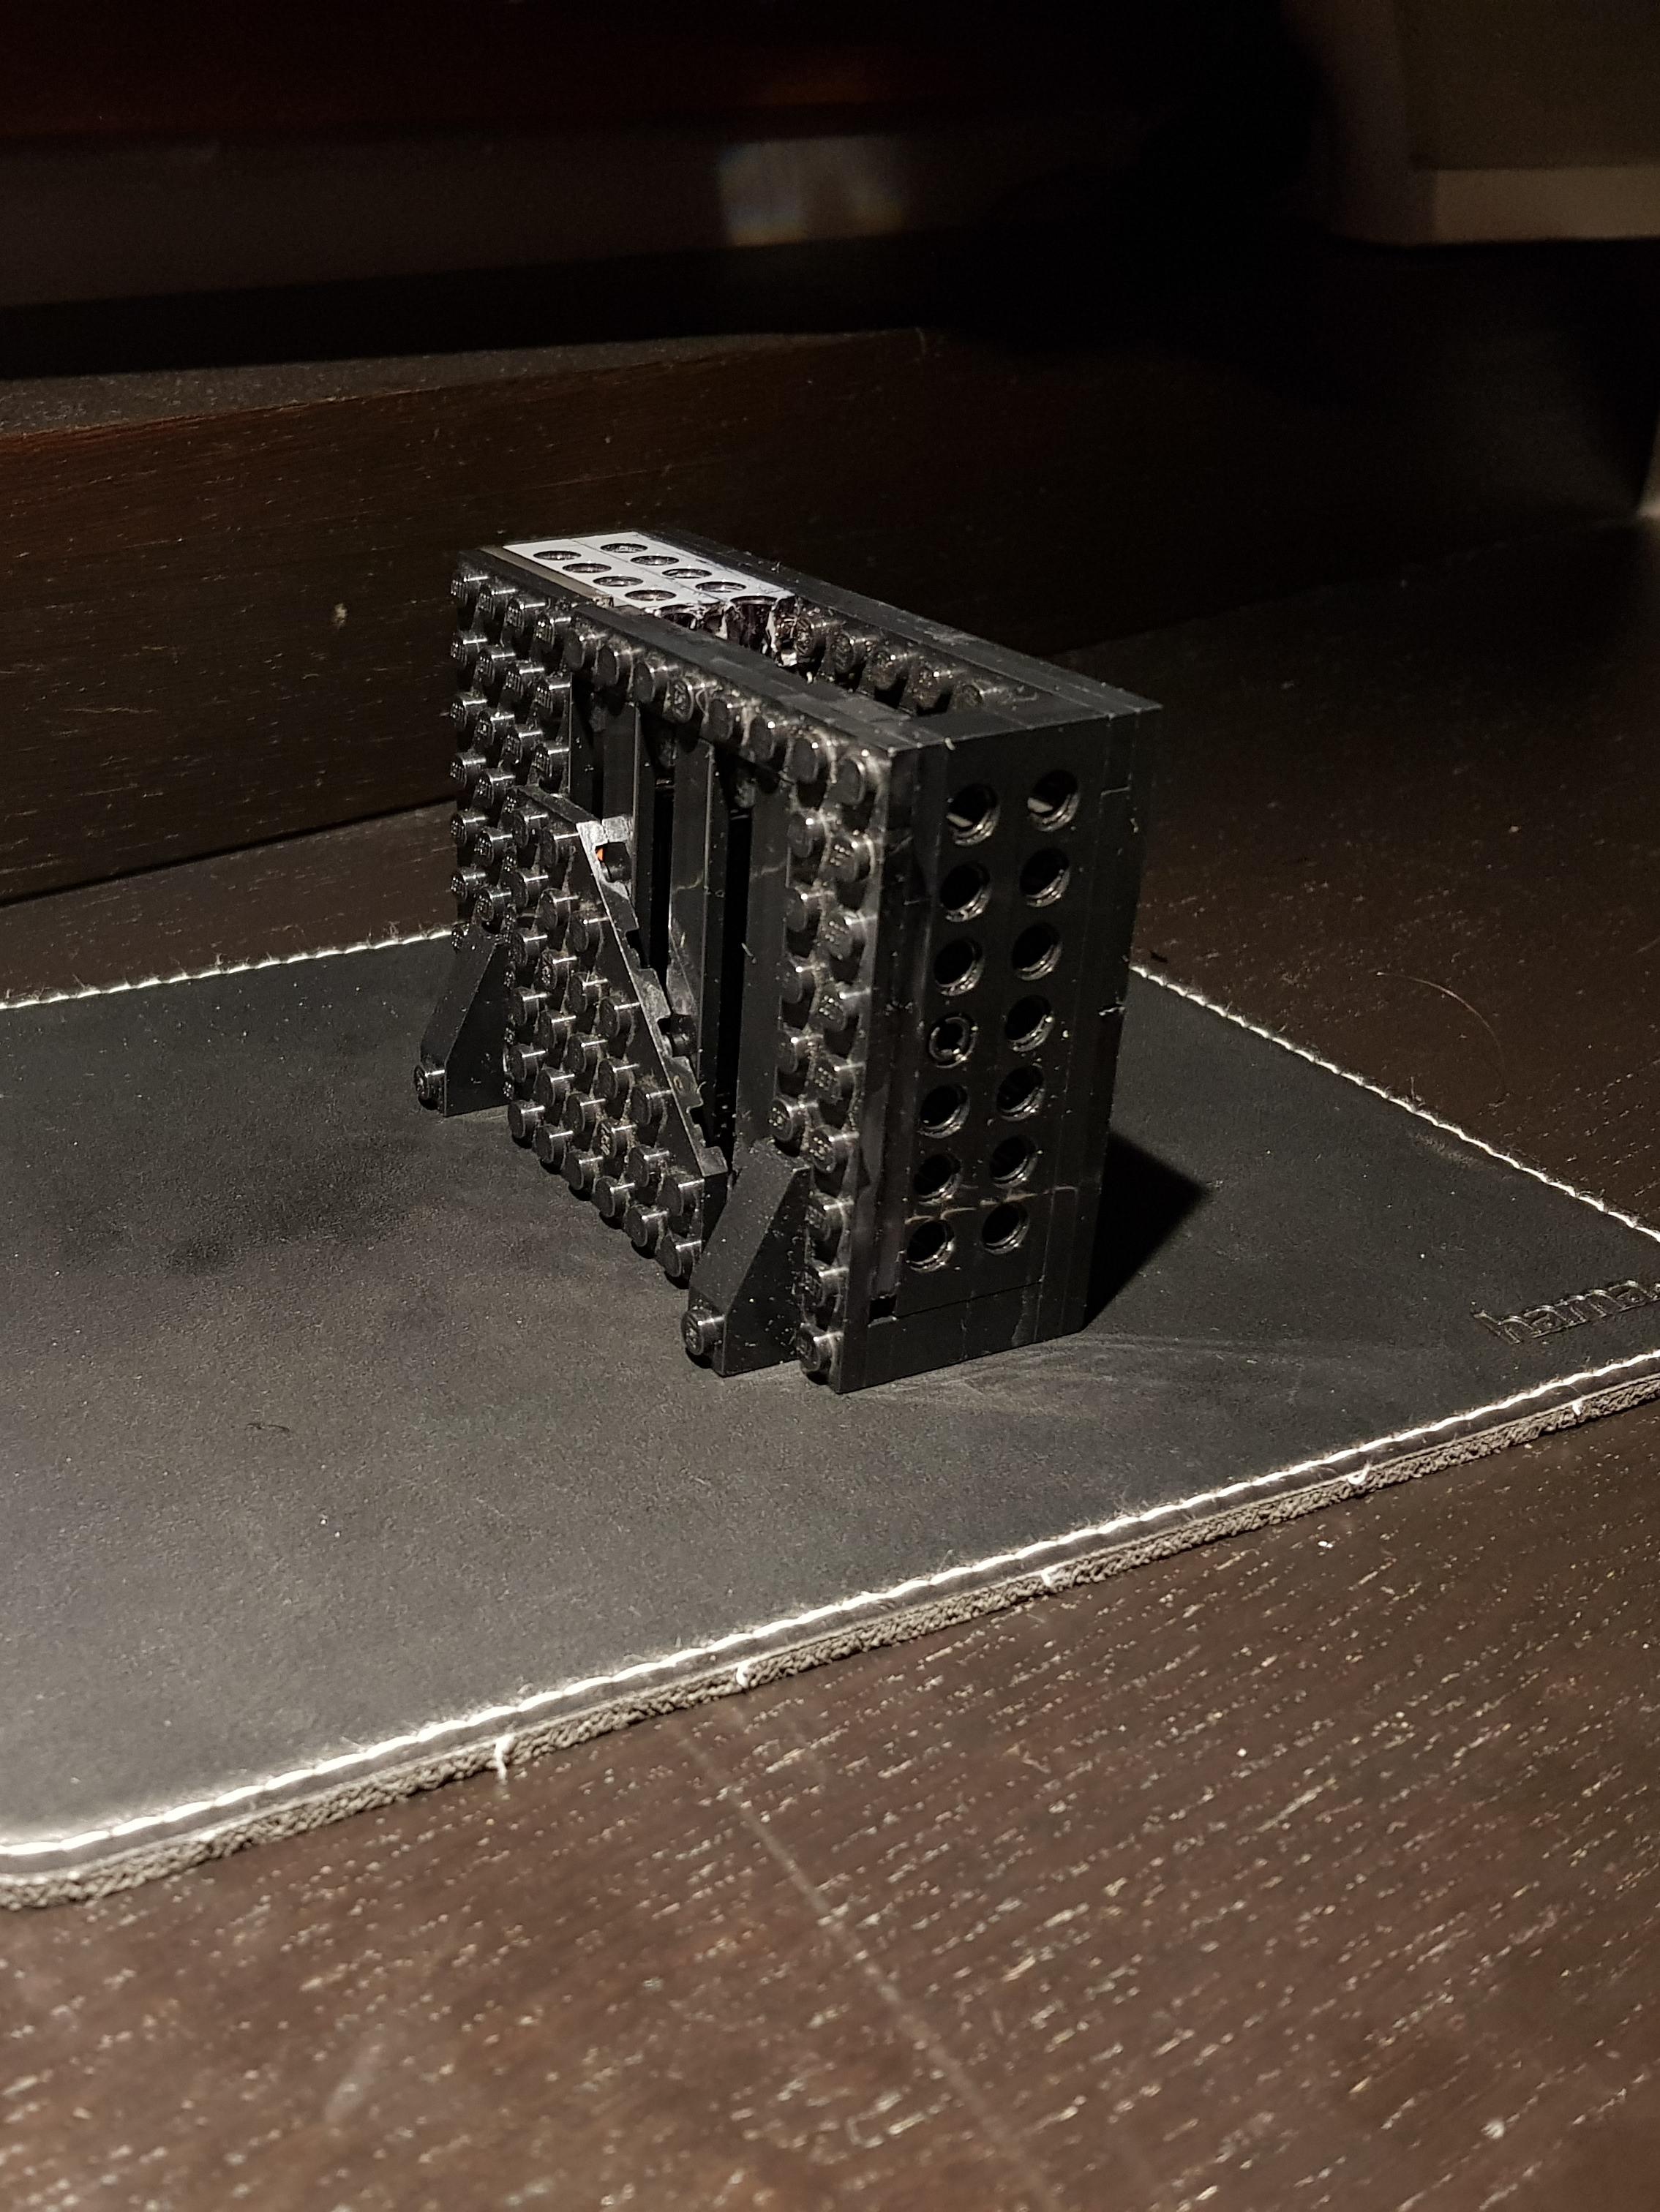 Figure 2 - Lego case